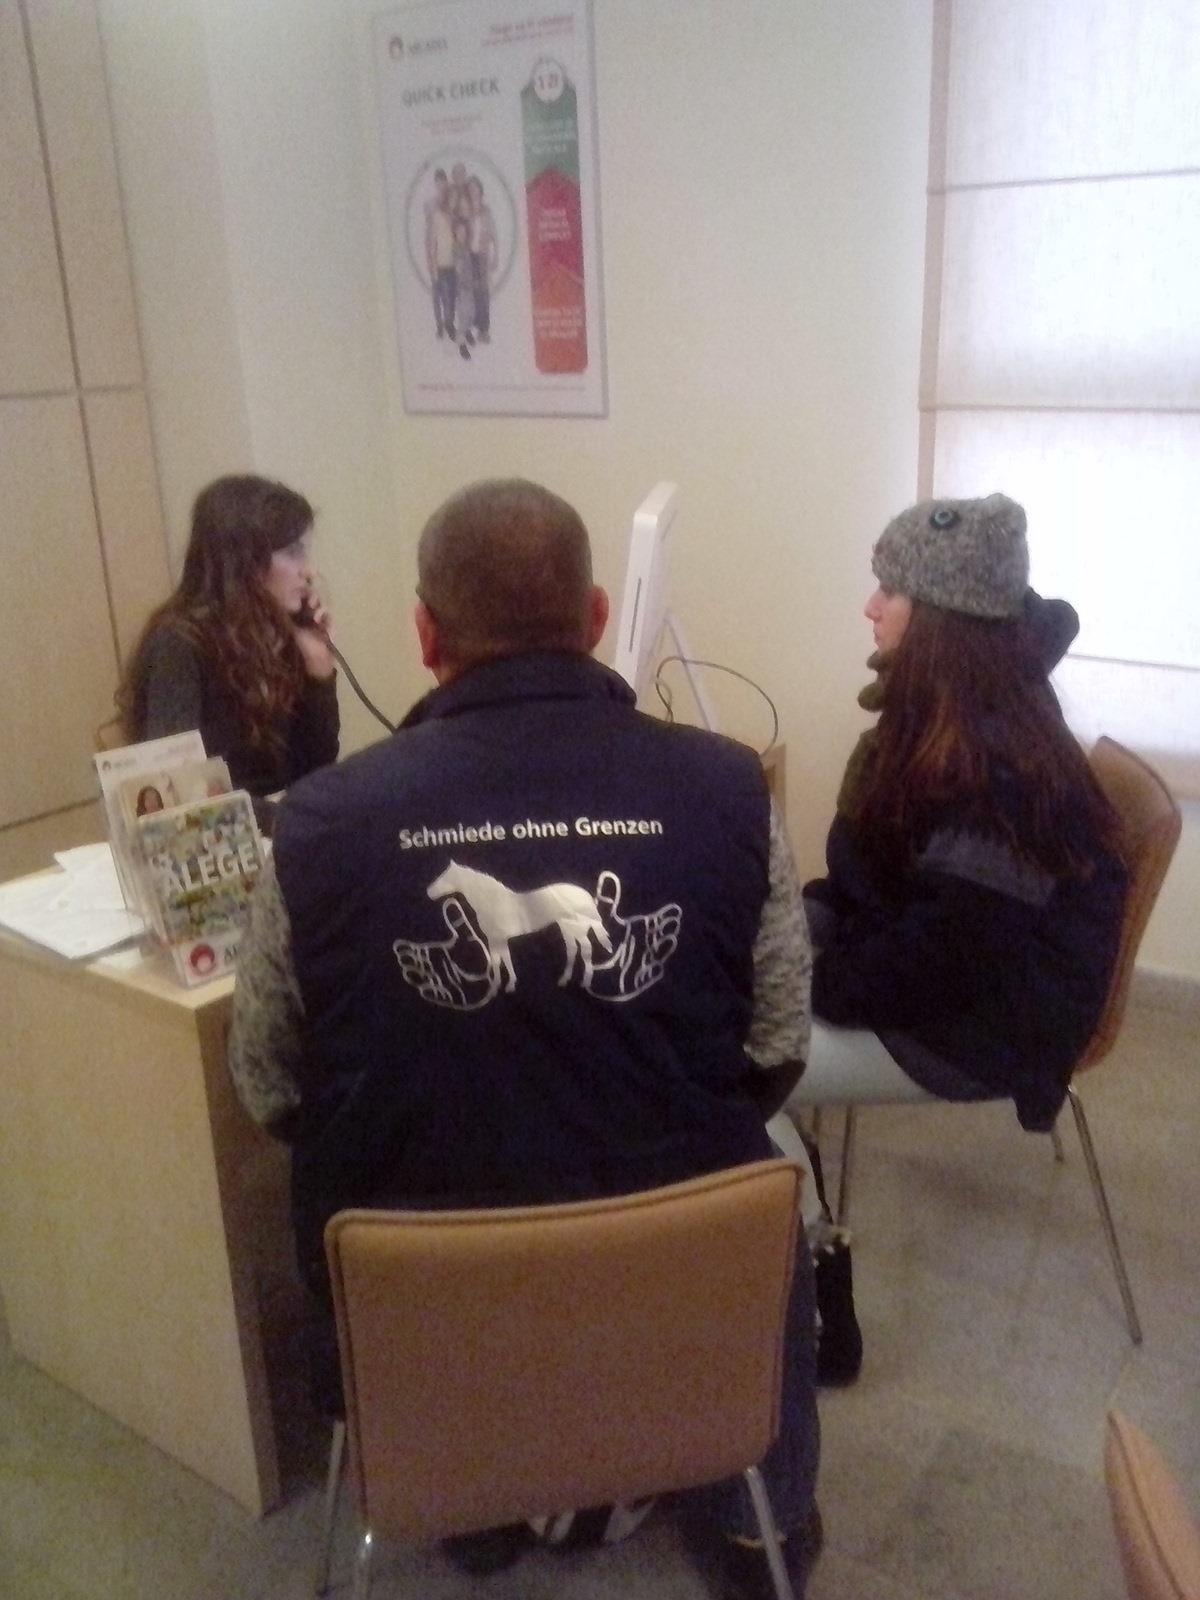 Markus und Ecaterina im Dezember 2014 in einer sozialen Einrichtung in Ostrumänien. Hier sollten wir tatsächlich fachgerechte Hilfe für unser Hilfsprogramm finden.